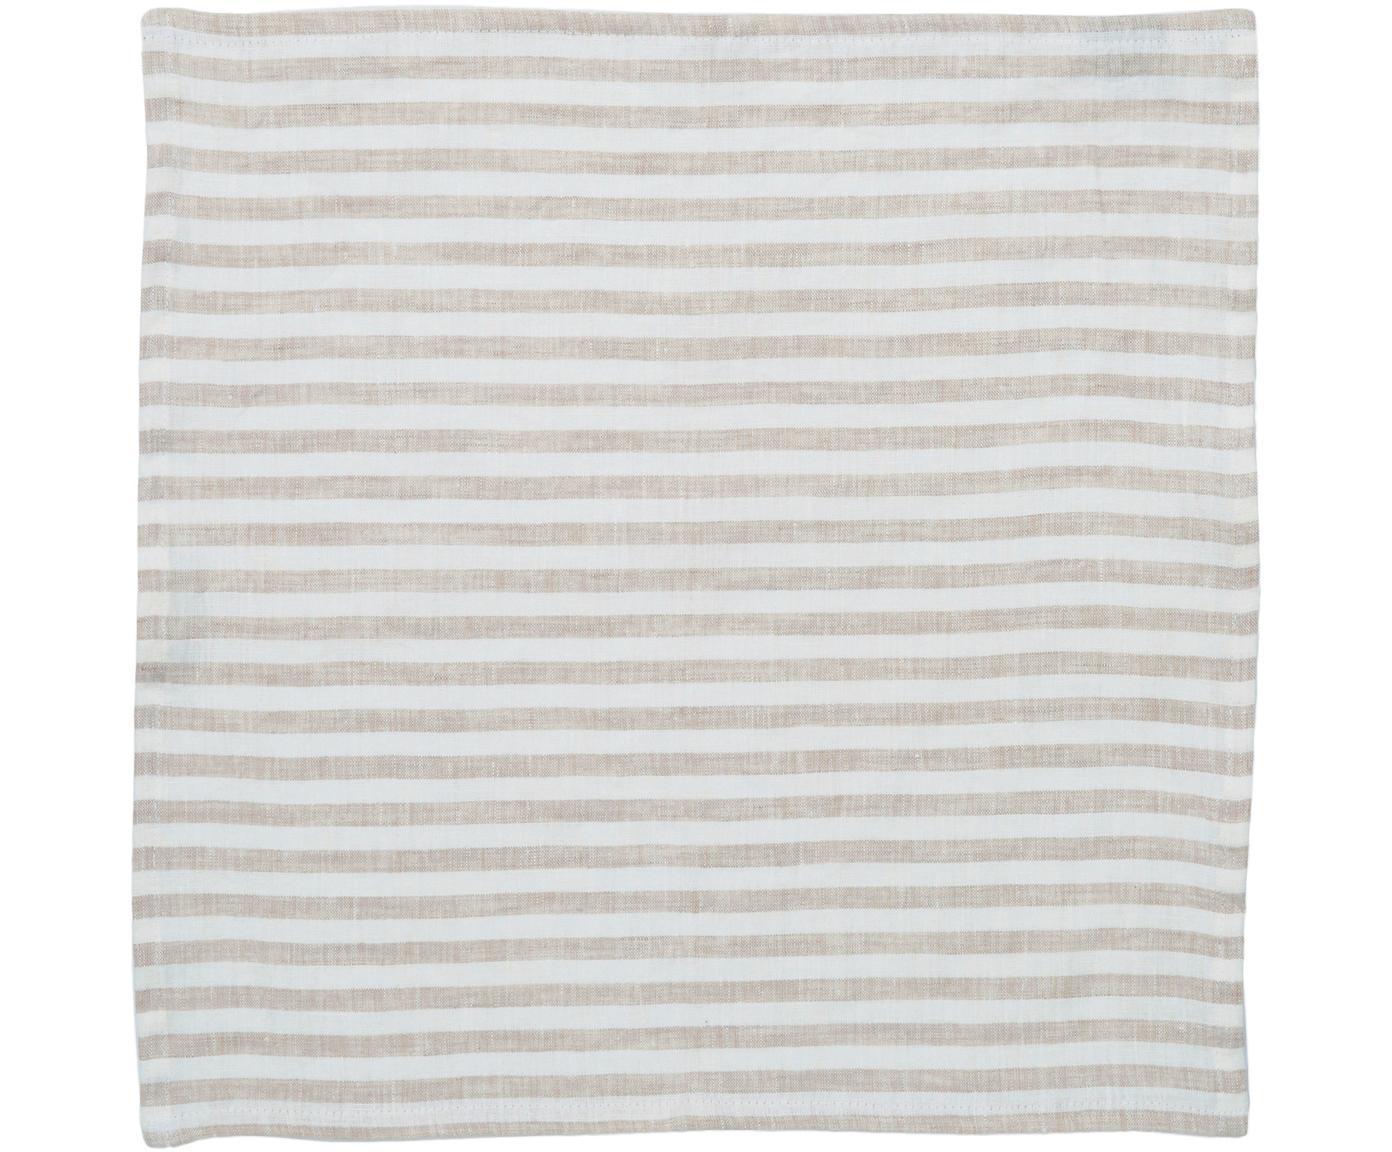 Serwetka z lnu Solami, 6 szt., Len, Beżowy, biały, S 46 x D 46 cm